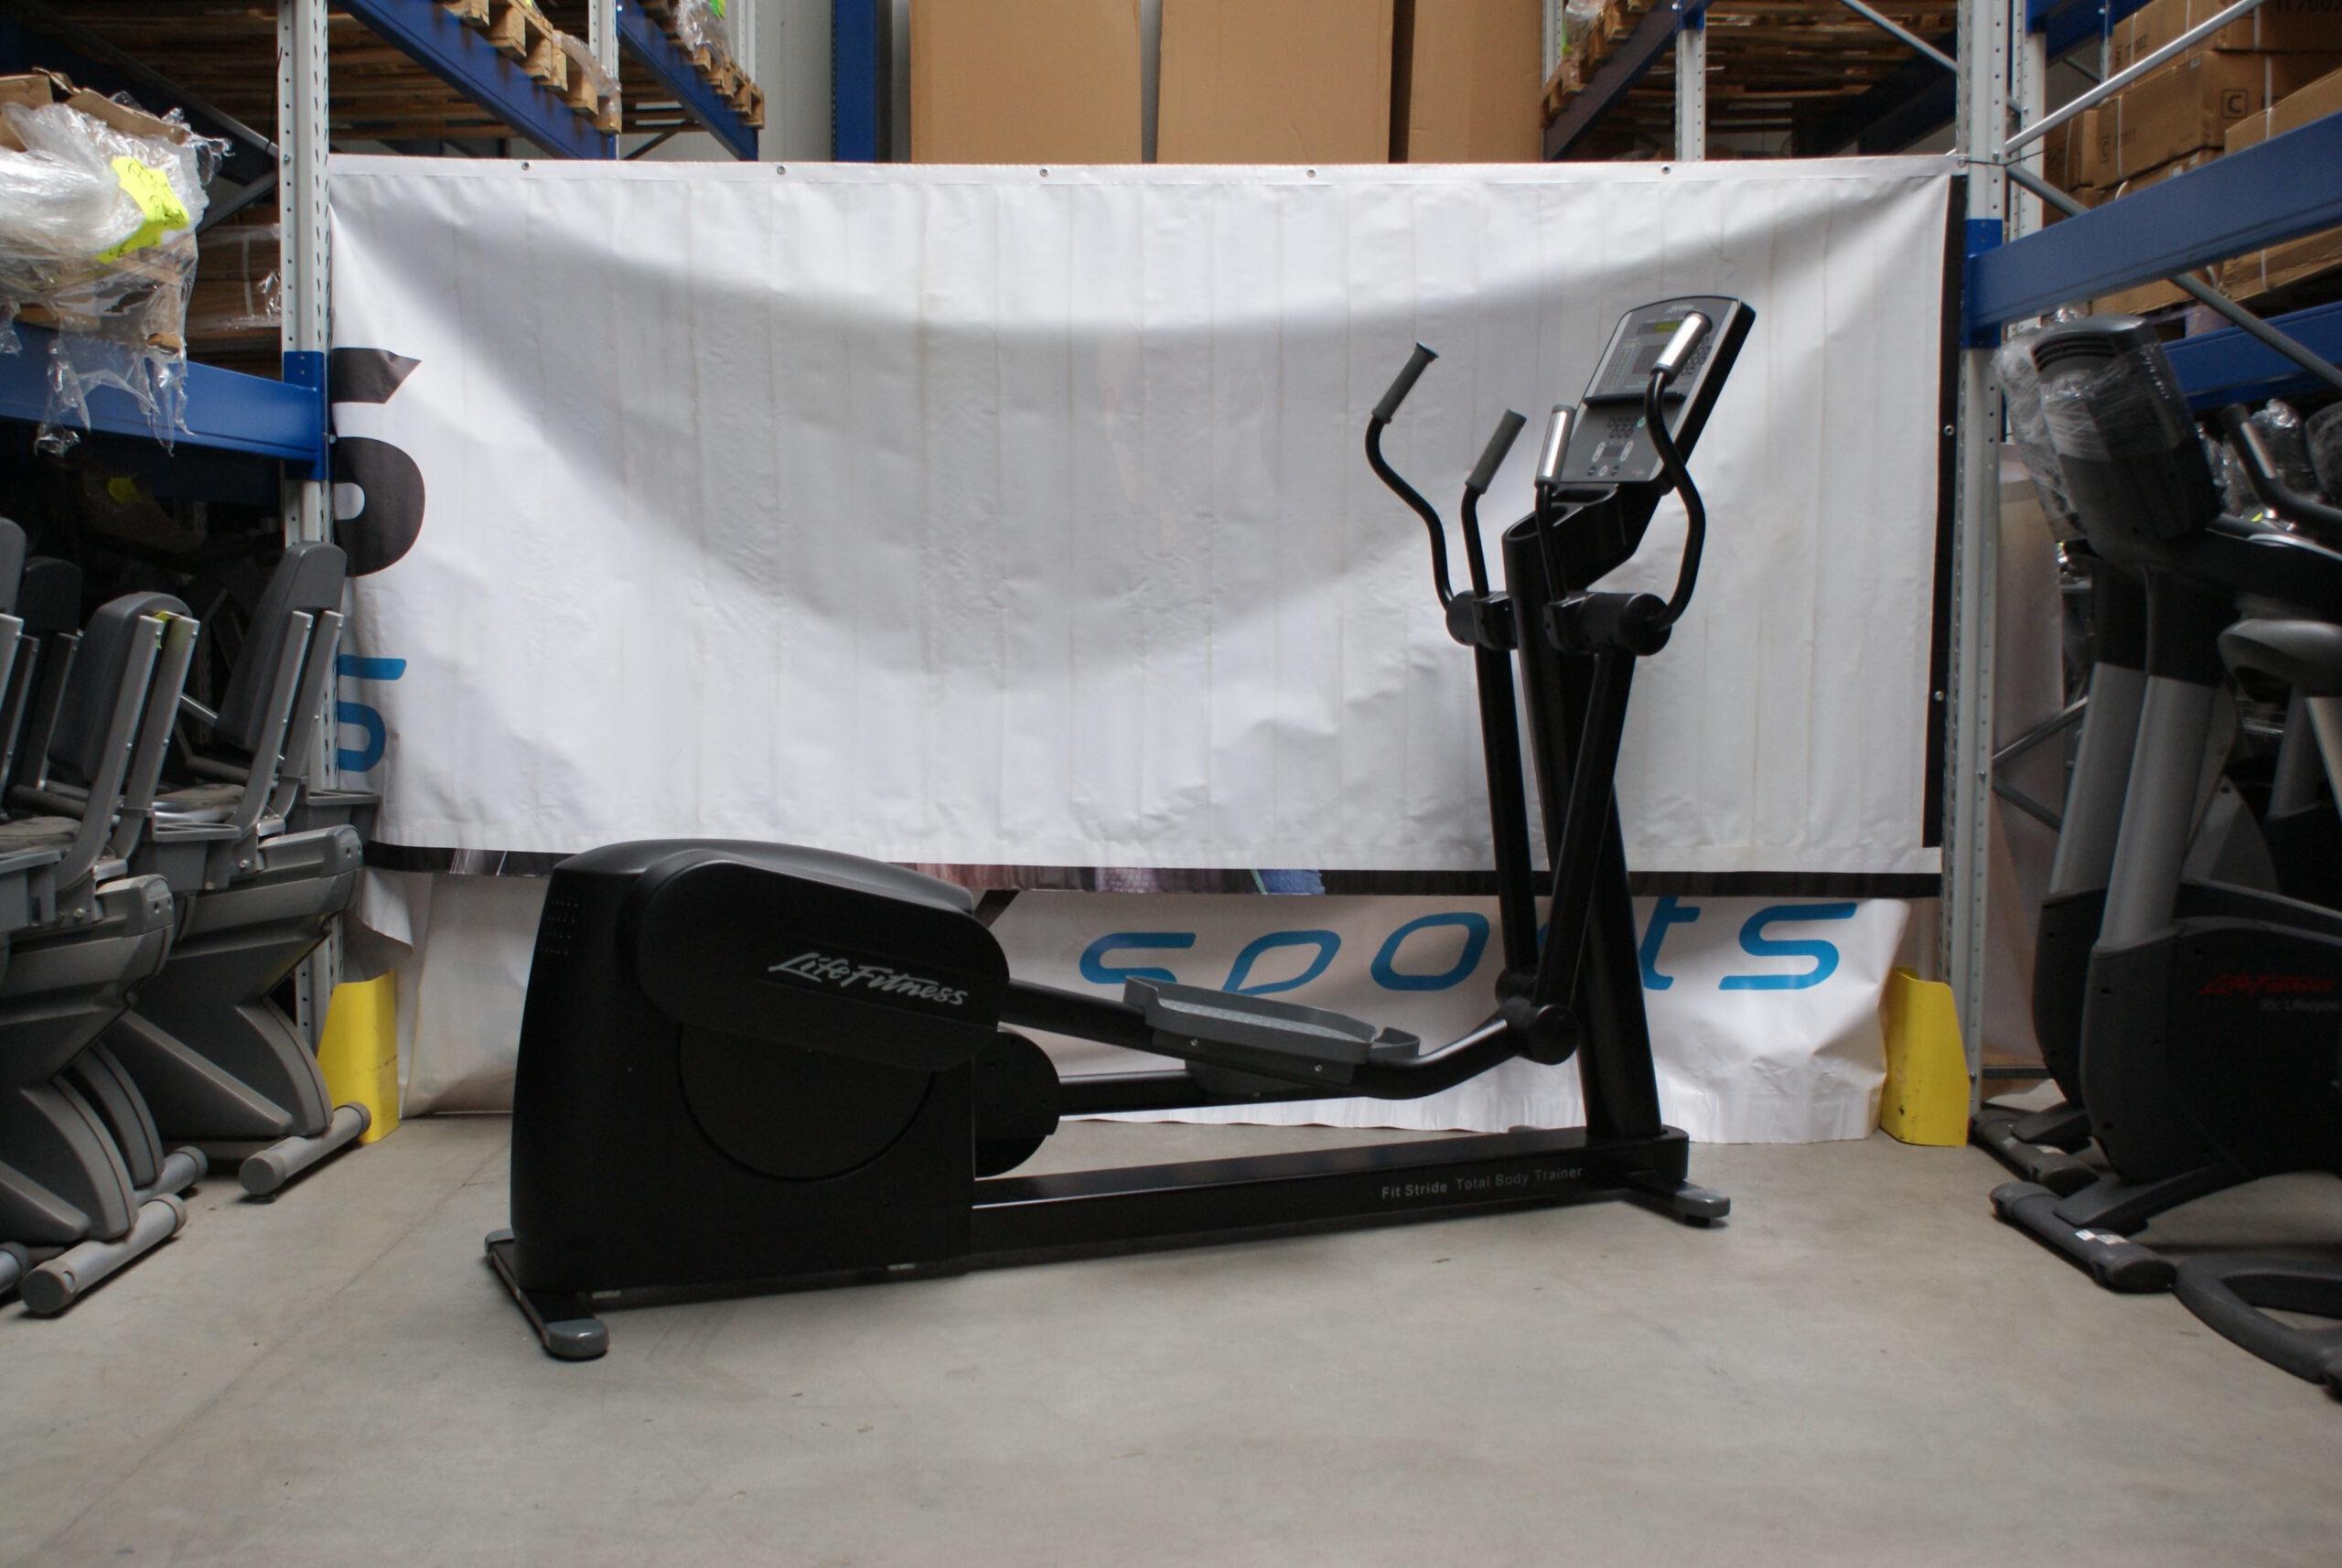 Эллиптический тренажер, профессиональный орбитрек Life Fitness 95хі